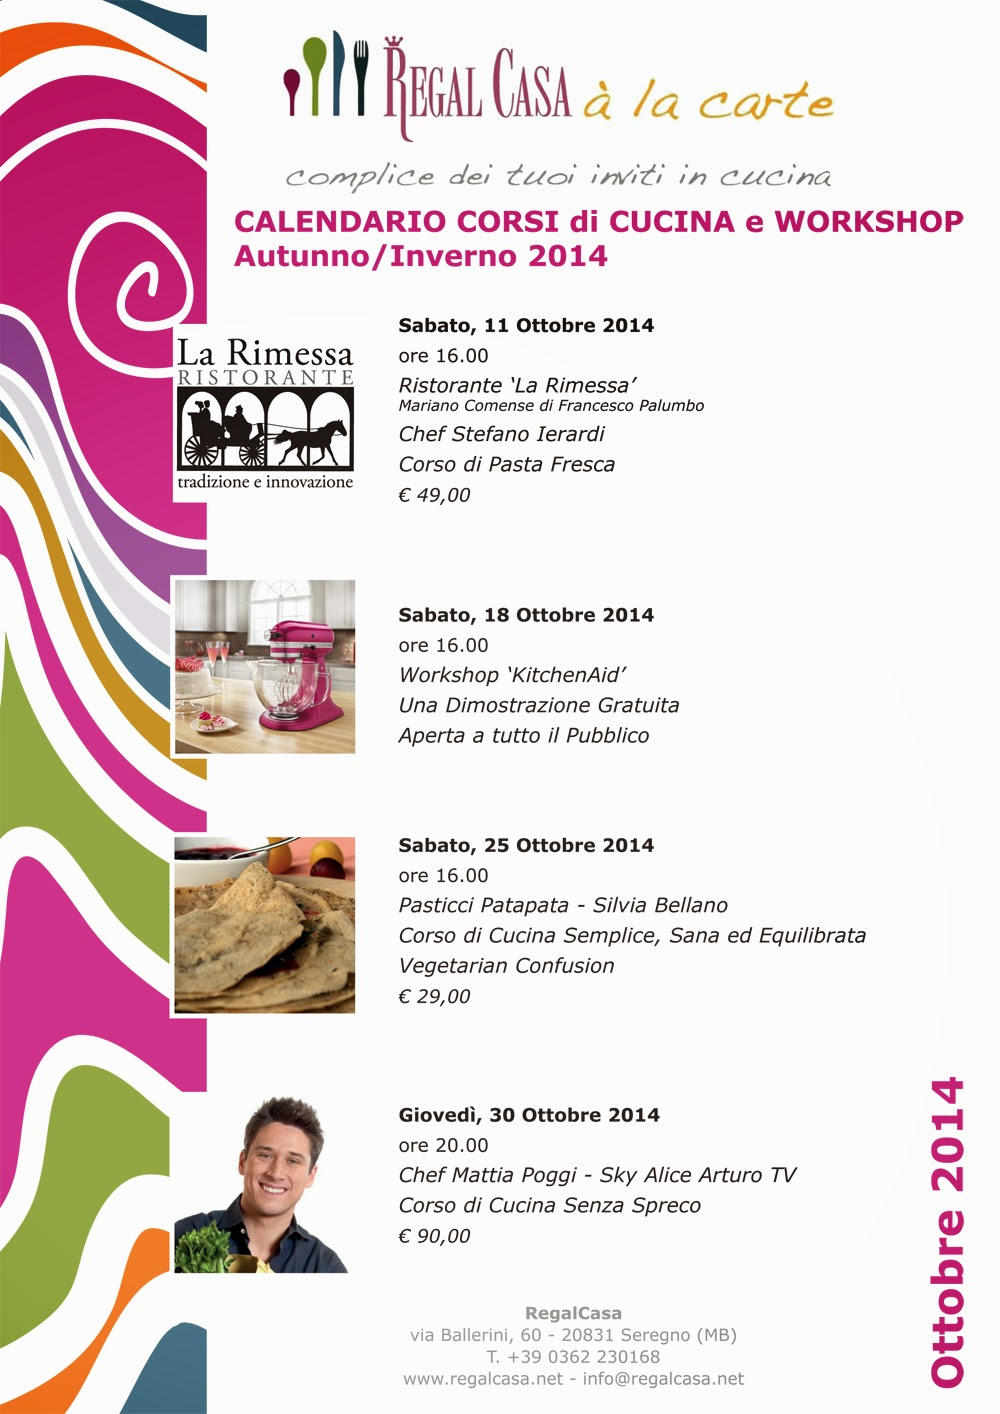 http://www.regalcasa.net/